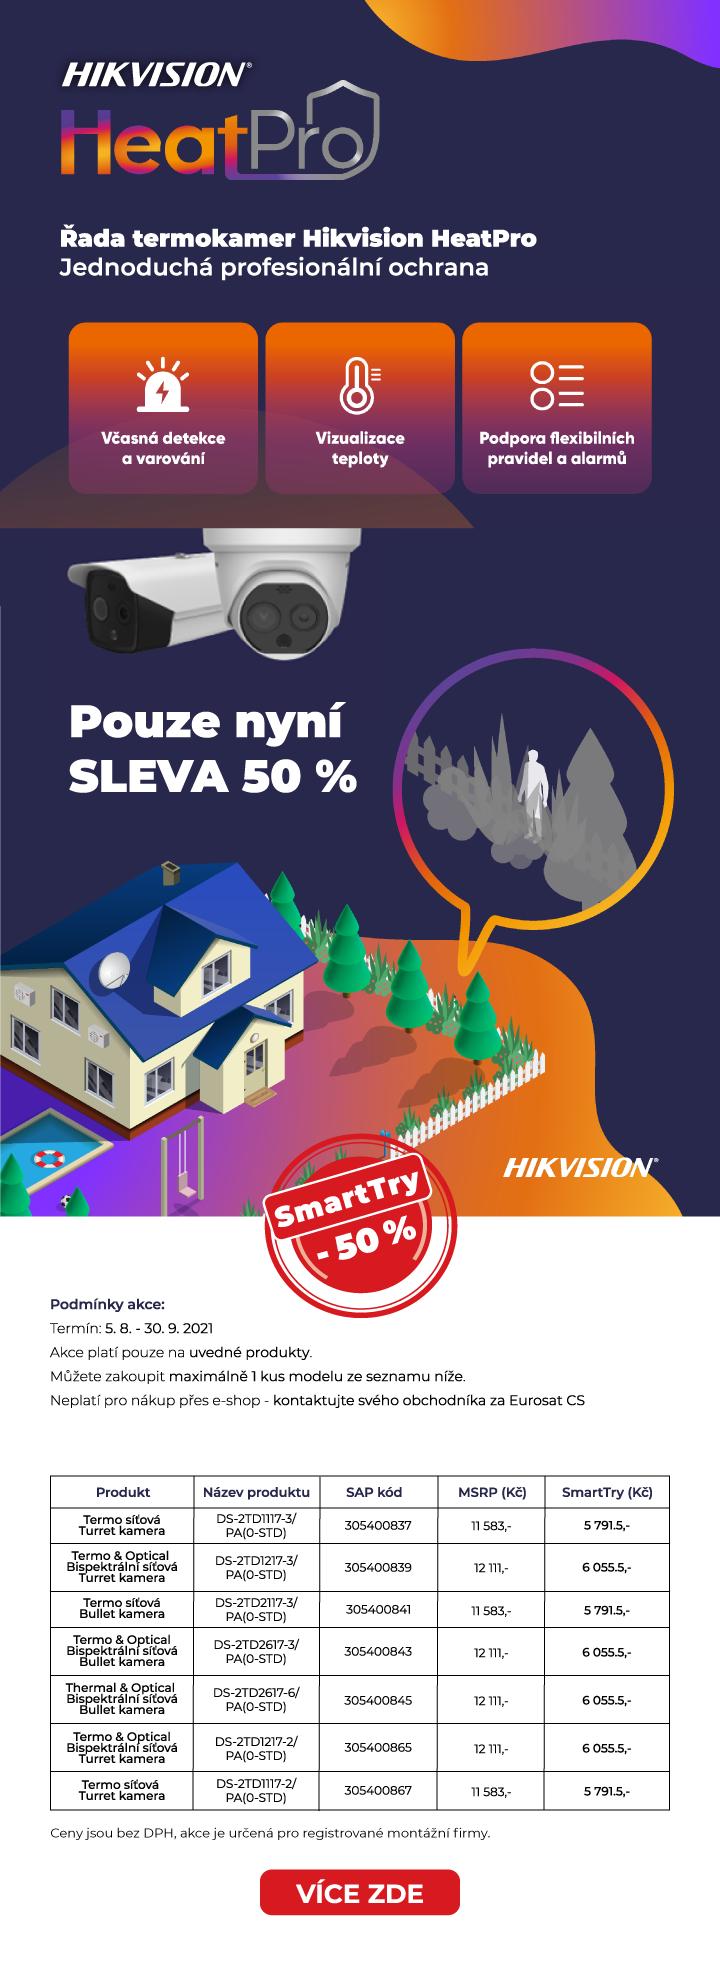 HIKVISION Eurosat CS zabezpečovací technologie Brno Praha Ostrava kamery Zlín Plzeň Hradec Králové termokamery HeatPro SmartTry akce slevy